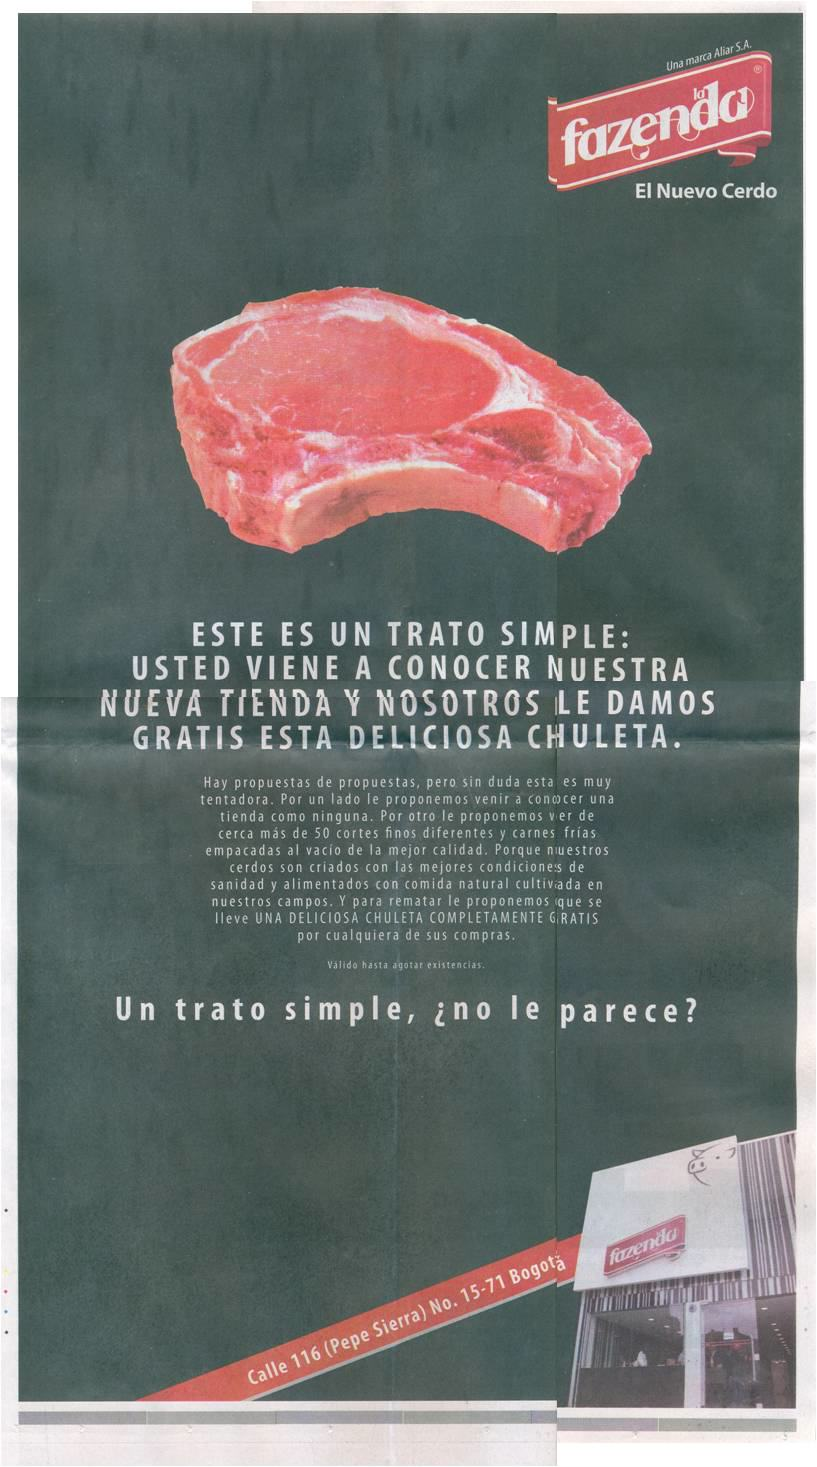 Carne de cerdo Fazenda